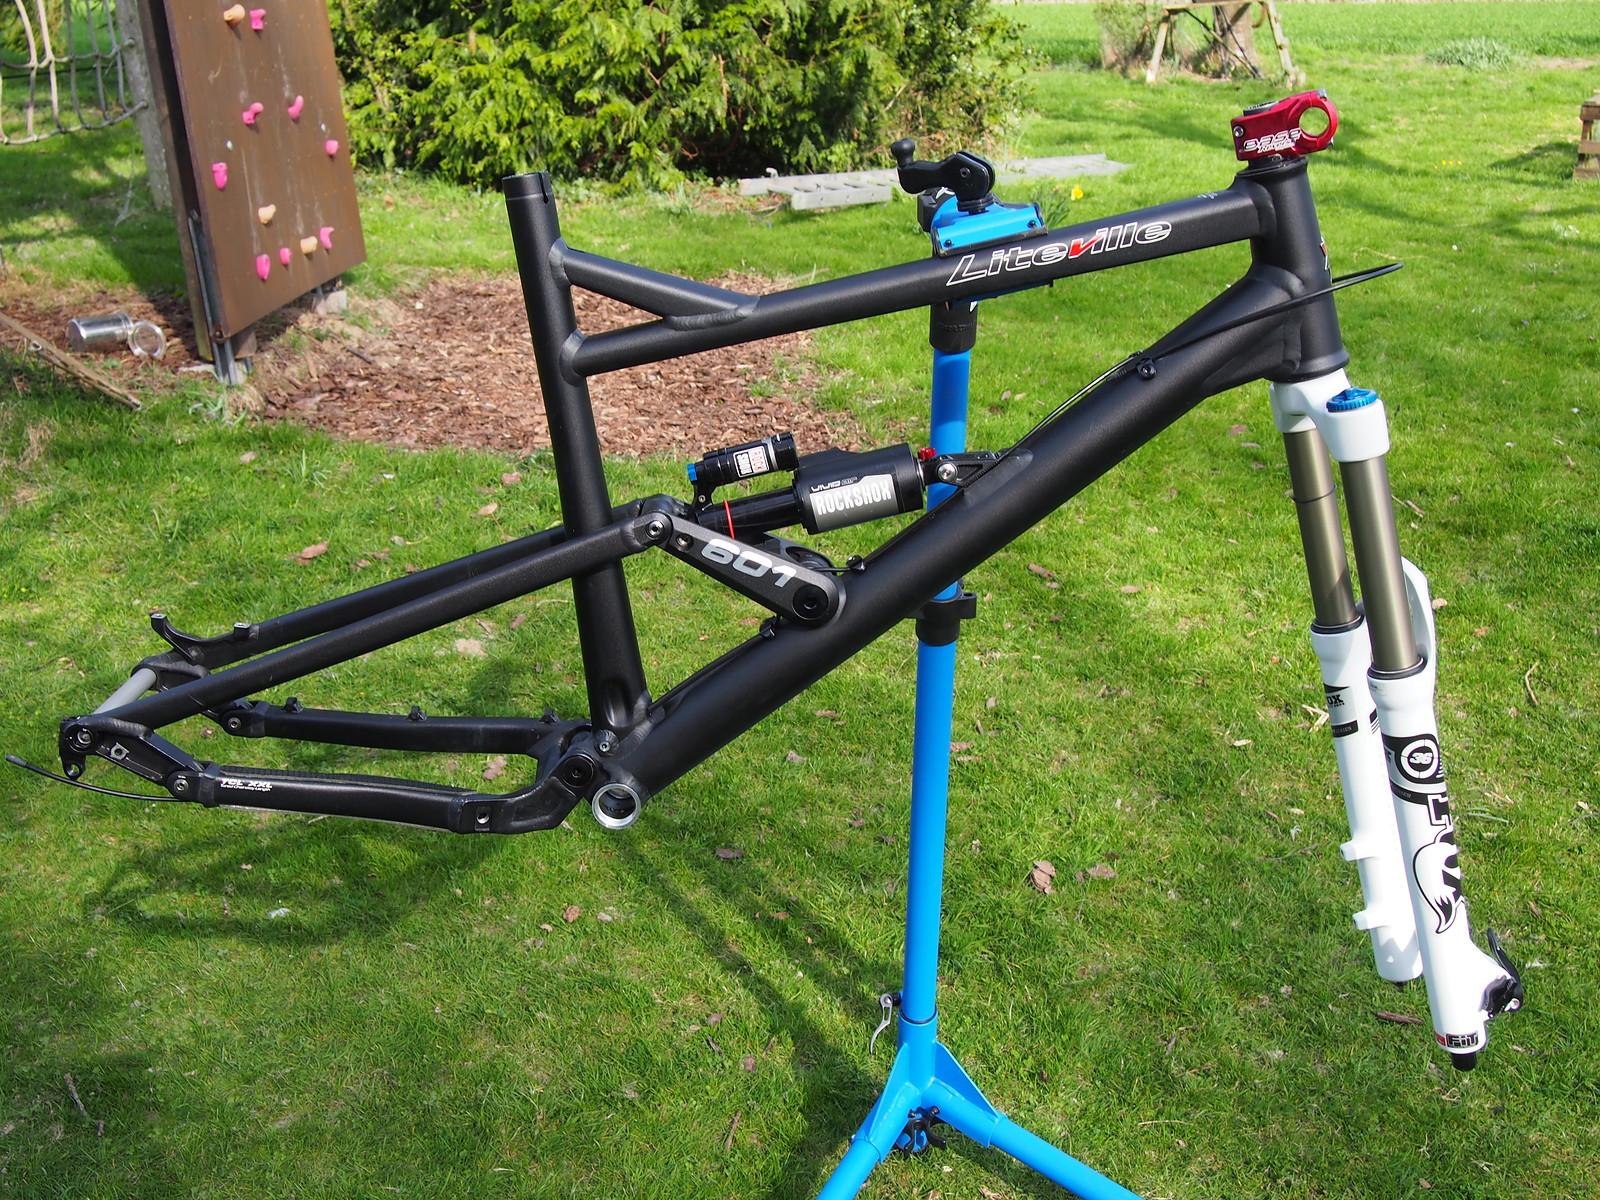 Liteville 601 MK2 XXL Rahmen ohne Gabel | Bikemarkt.MTB-News.de